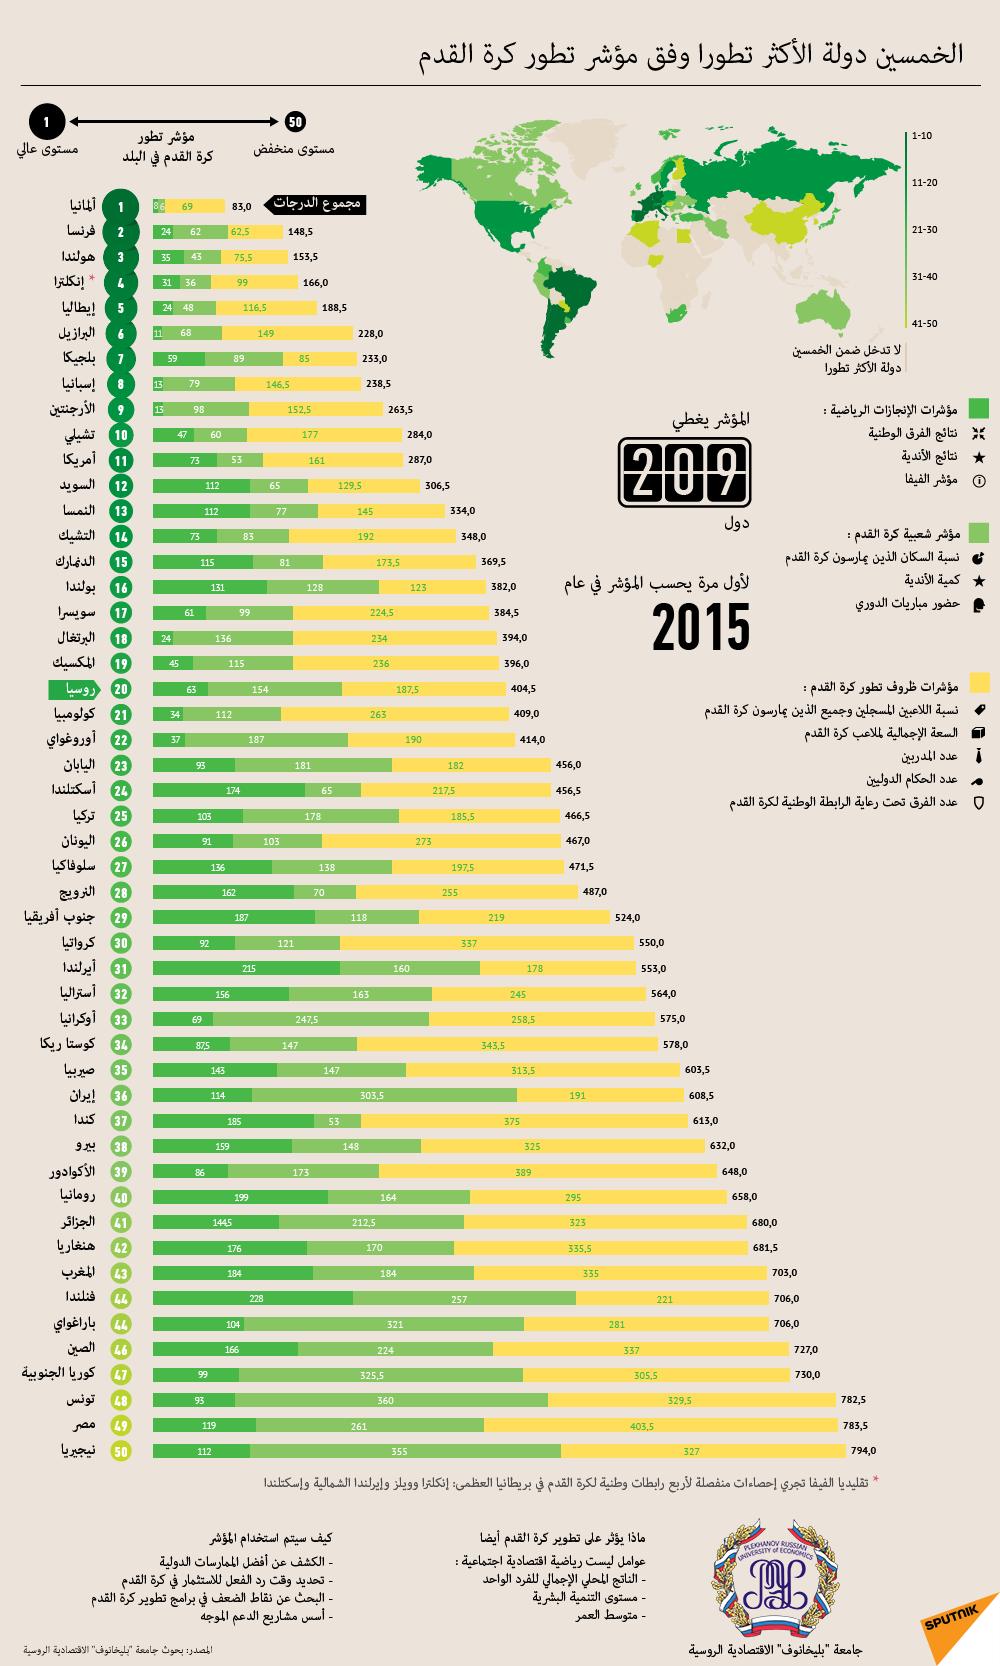 الخمسين الدولة الأكثر تطورا وفق مؤشر تطور كرة القدم